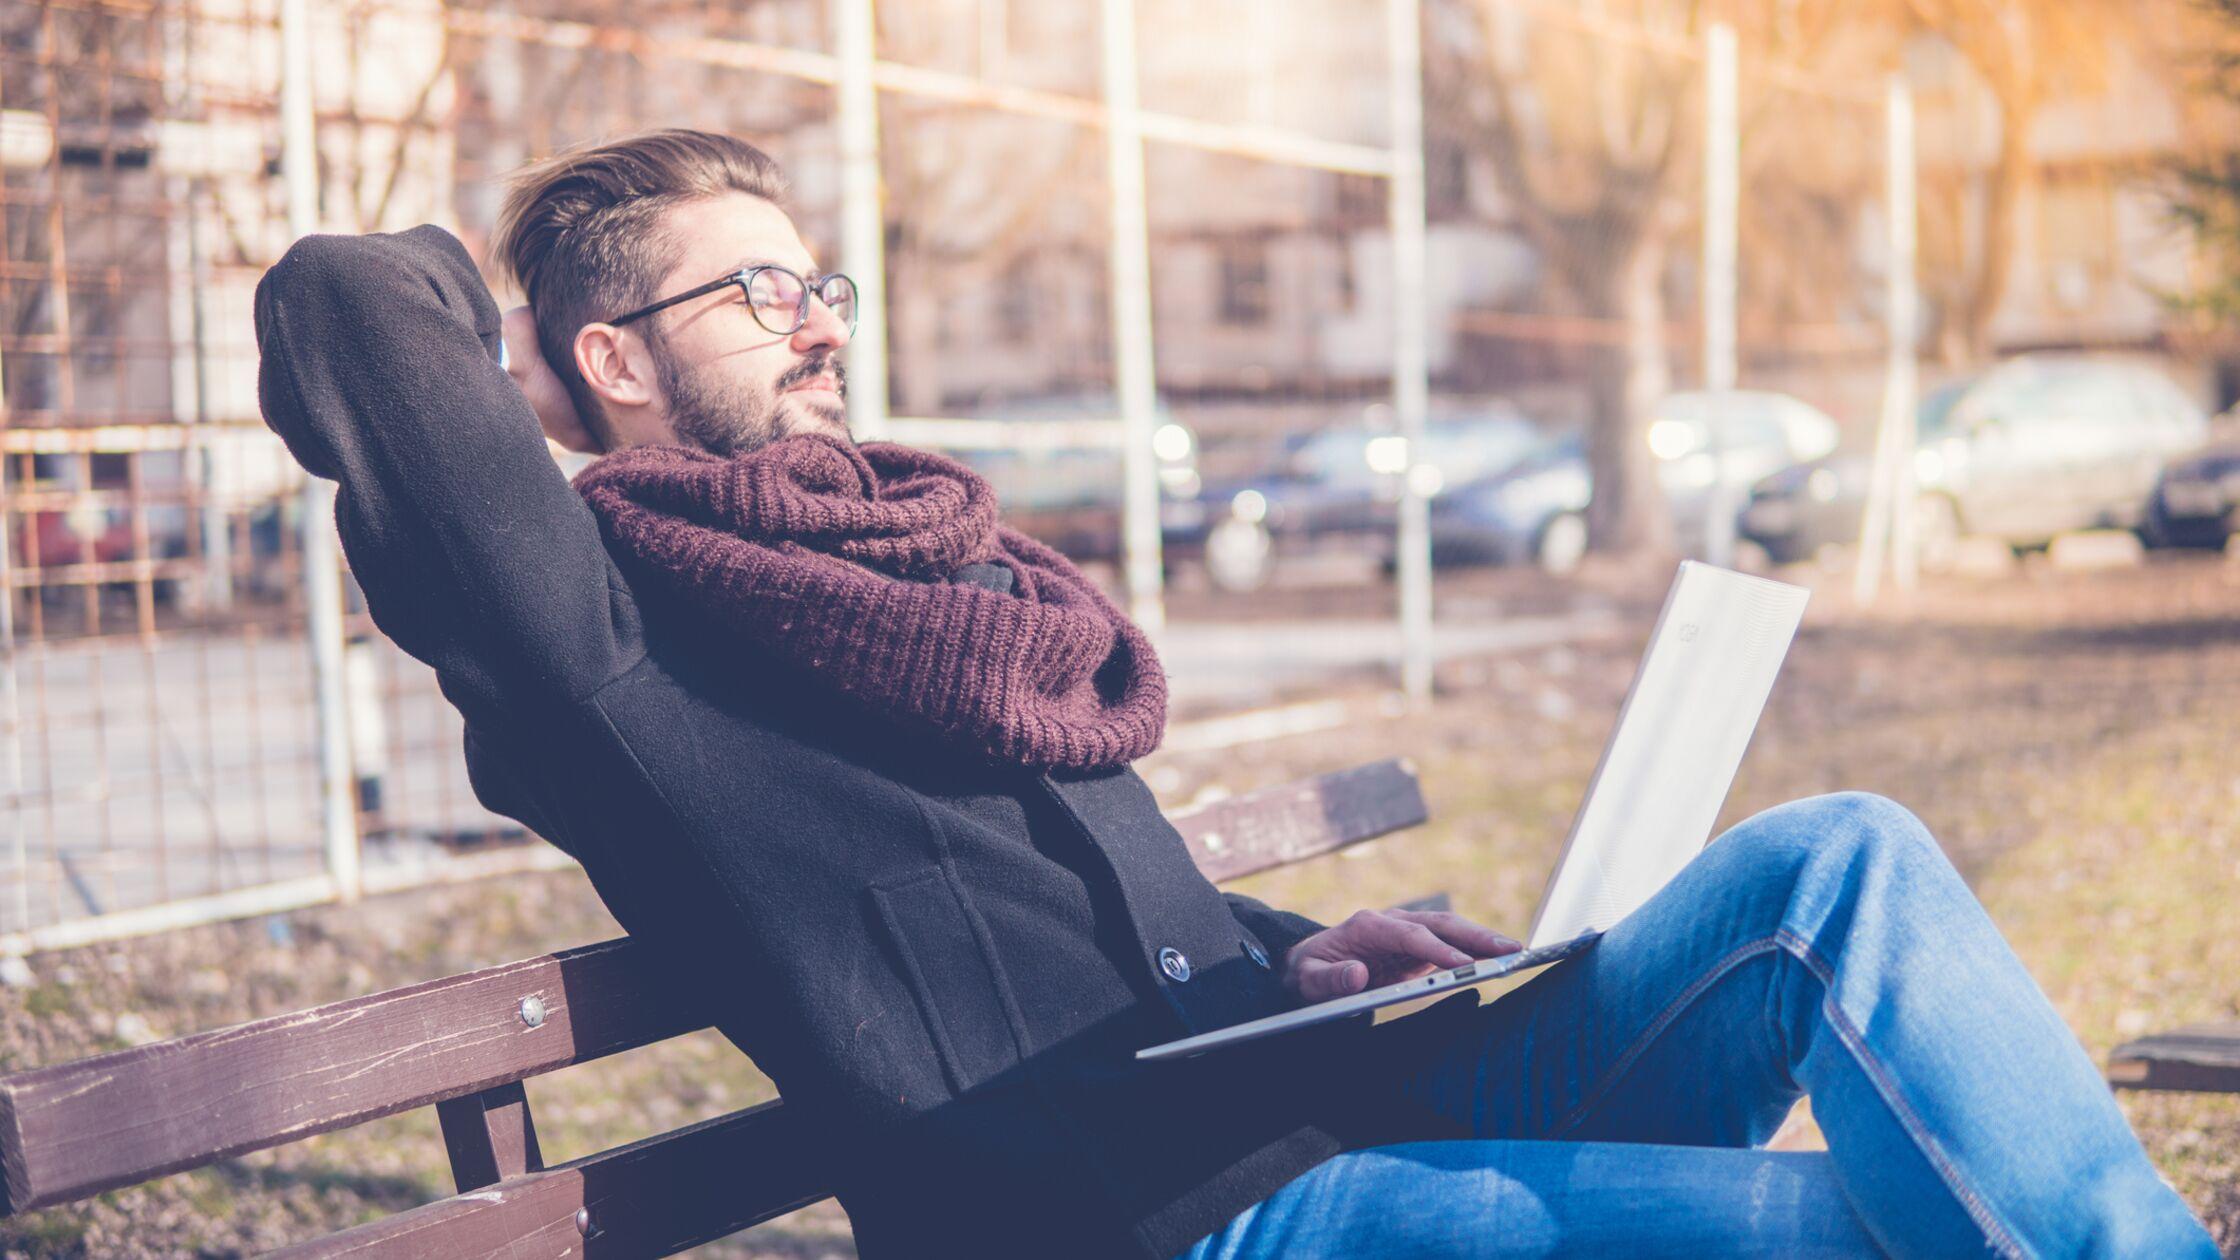 Junger Mann sitzt auf Bank und arbeitet am Laptop.